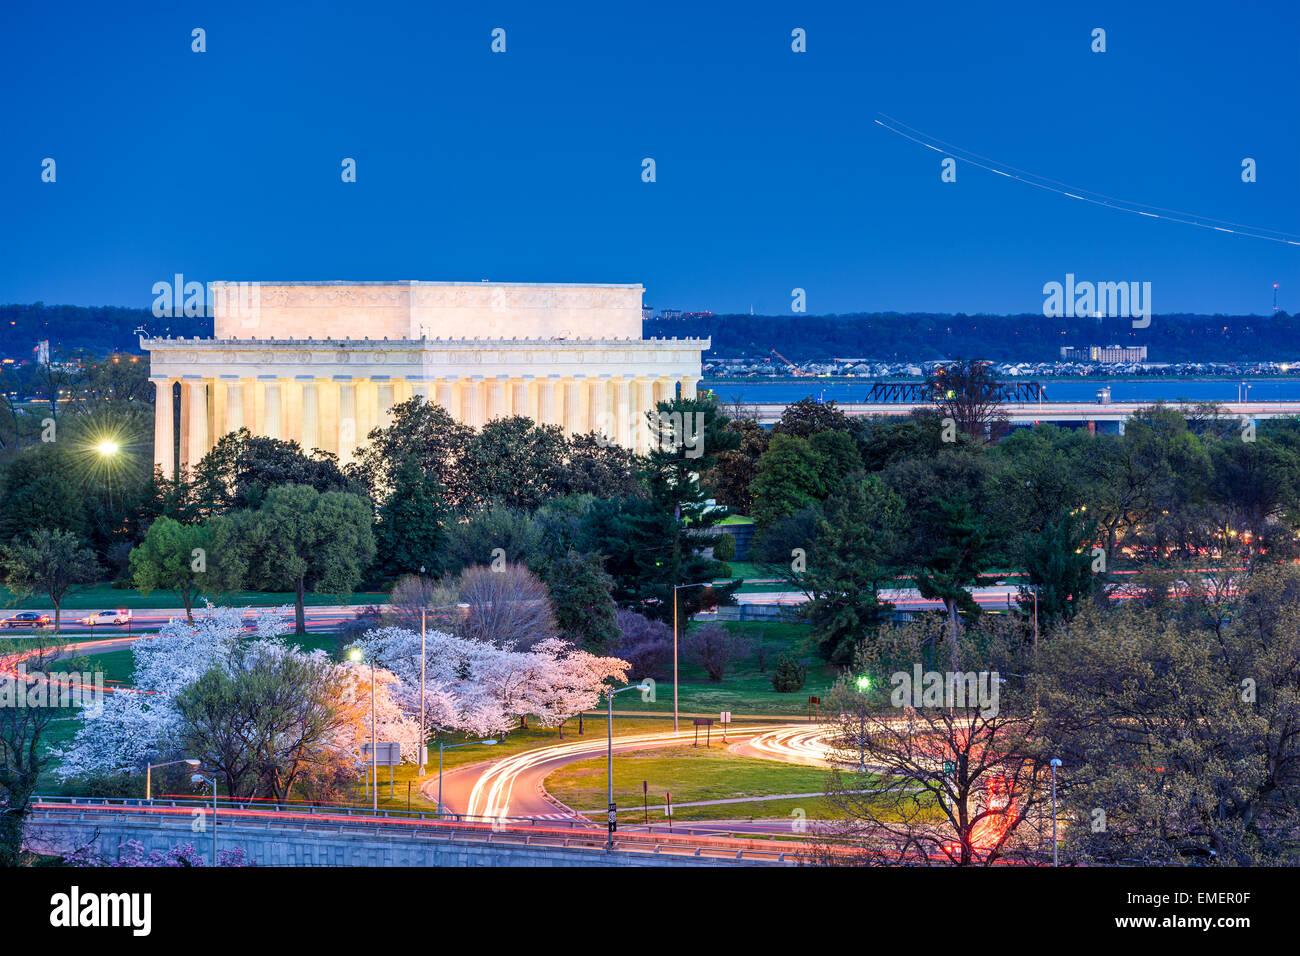 Washington, D.C. at Lincoln Memorial. - Stock Image